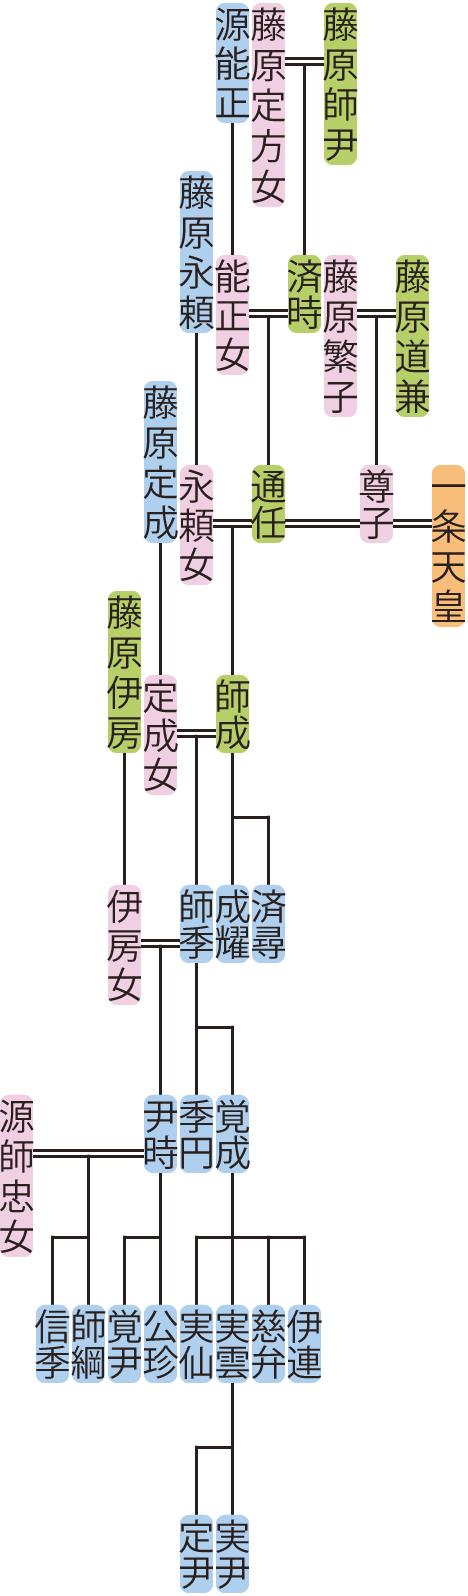 藤原通任~師季の系図